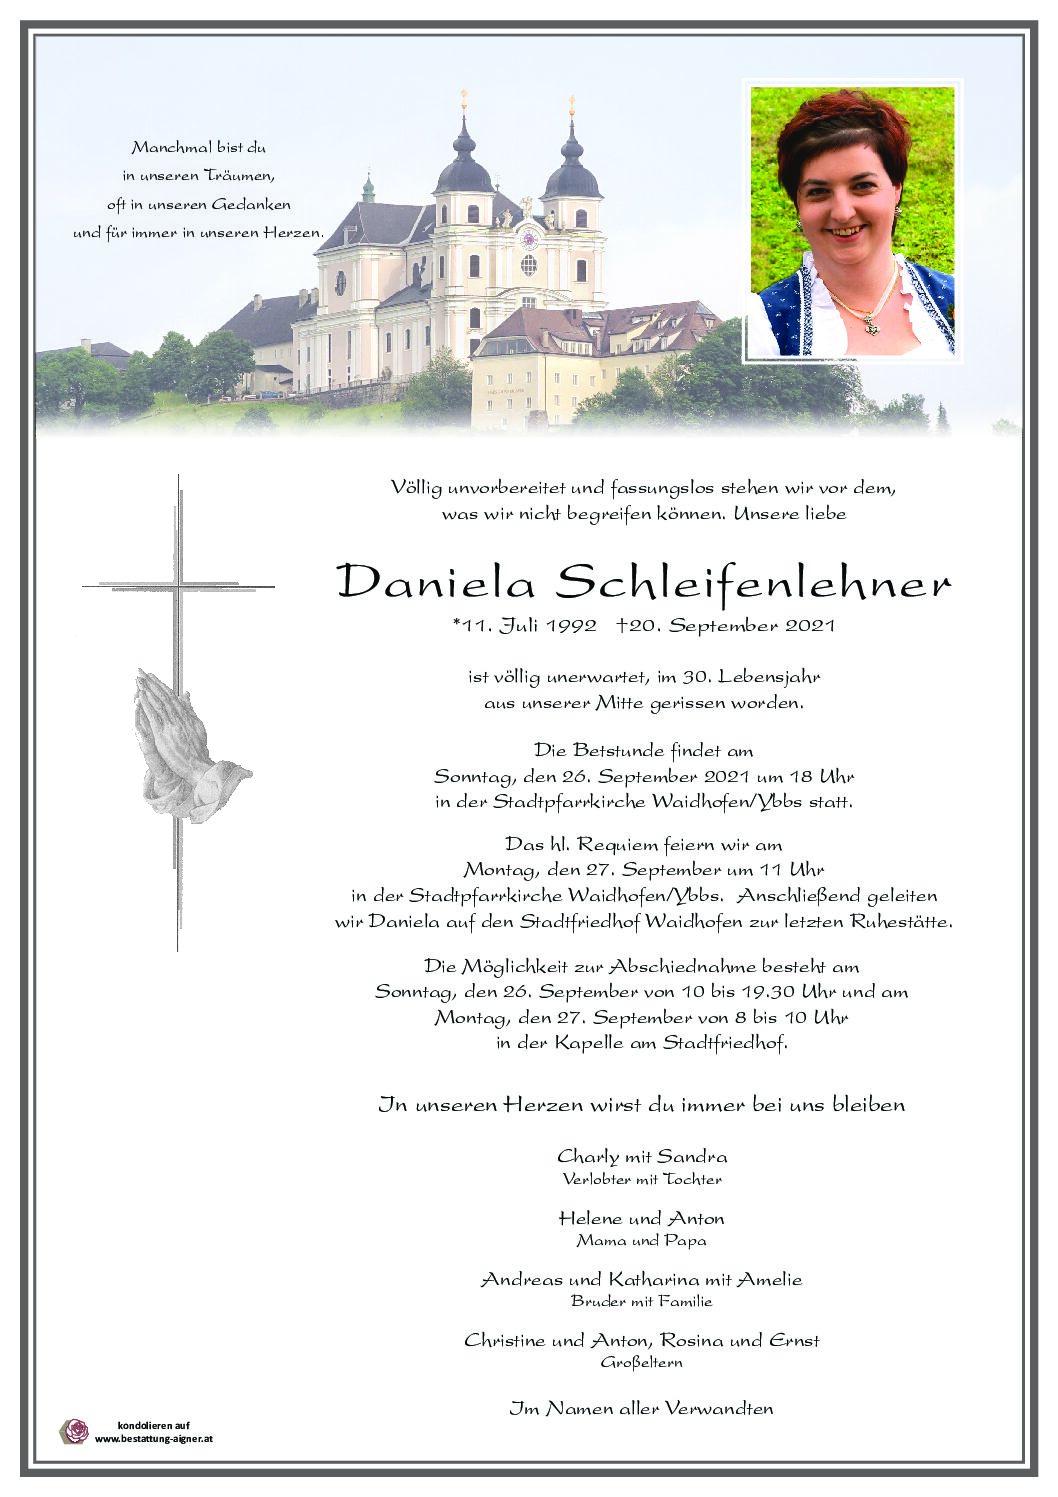 Daniela Schleifenlehner